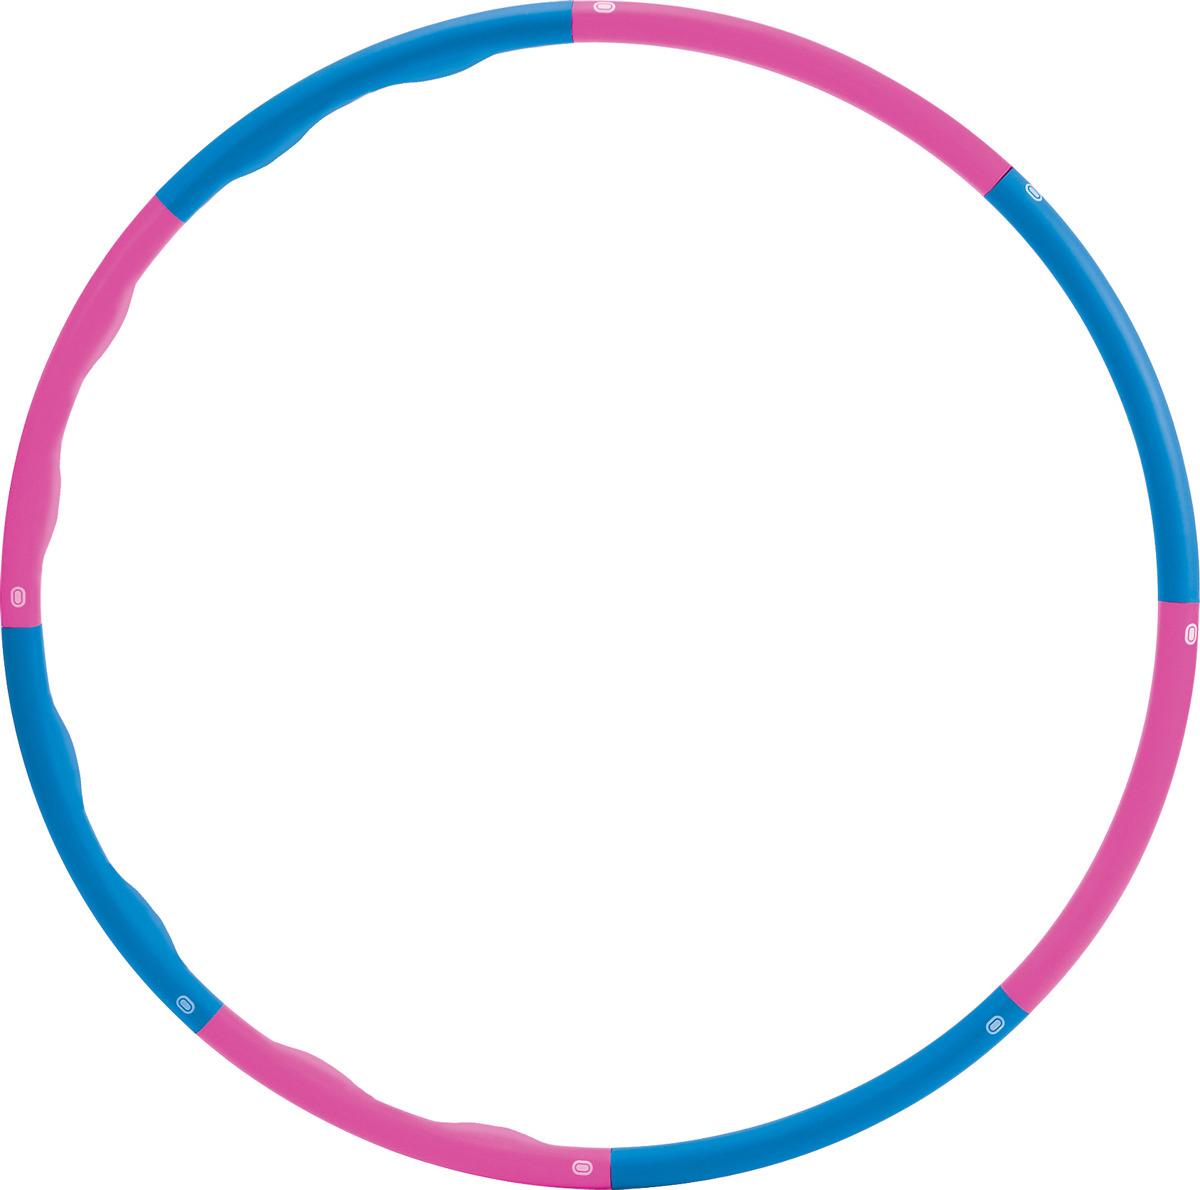 """Обруч массажный Pro-Supra """"Wave 008W"""", разборный, цвет: разноцветный, диаметр 90 см"""